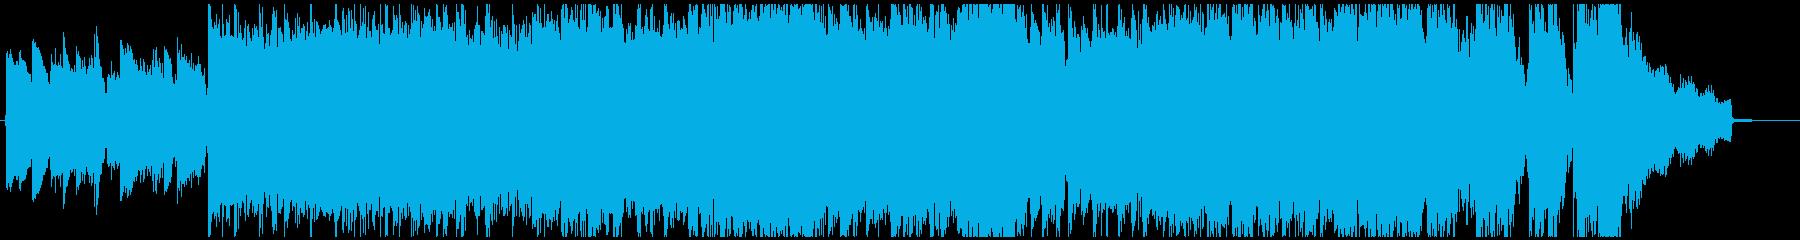 メタル 積極的 焦り エレキギター...の再生済みの波形